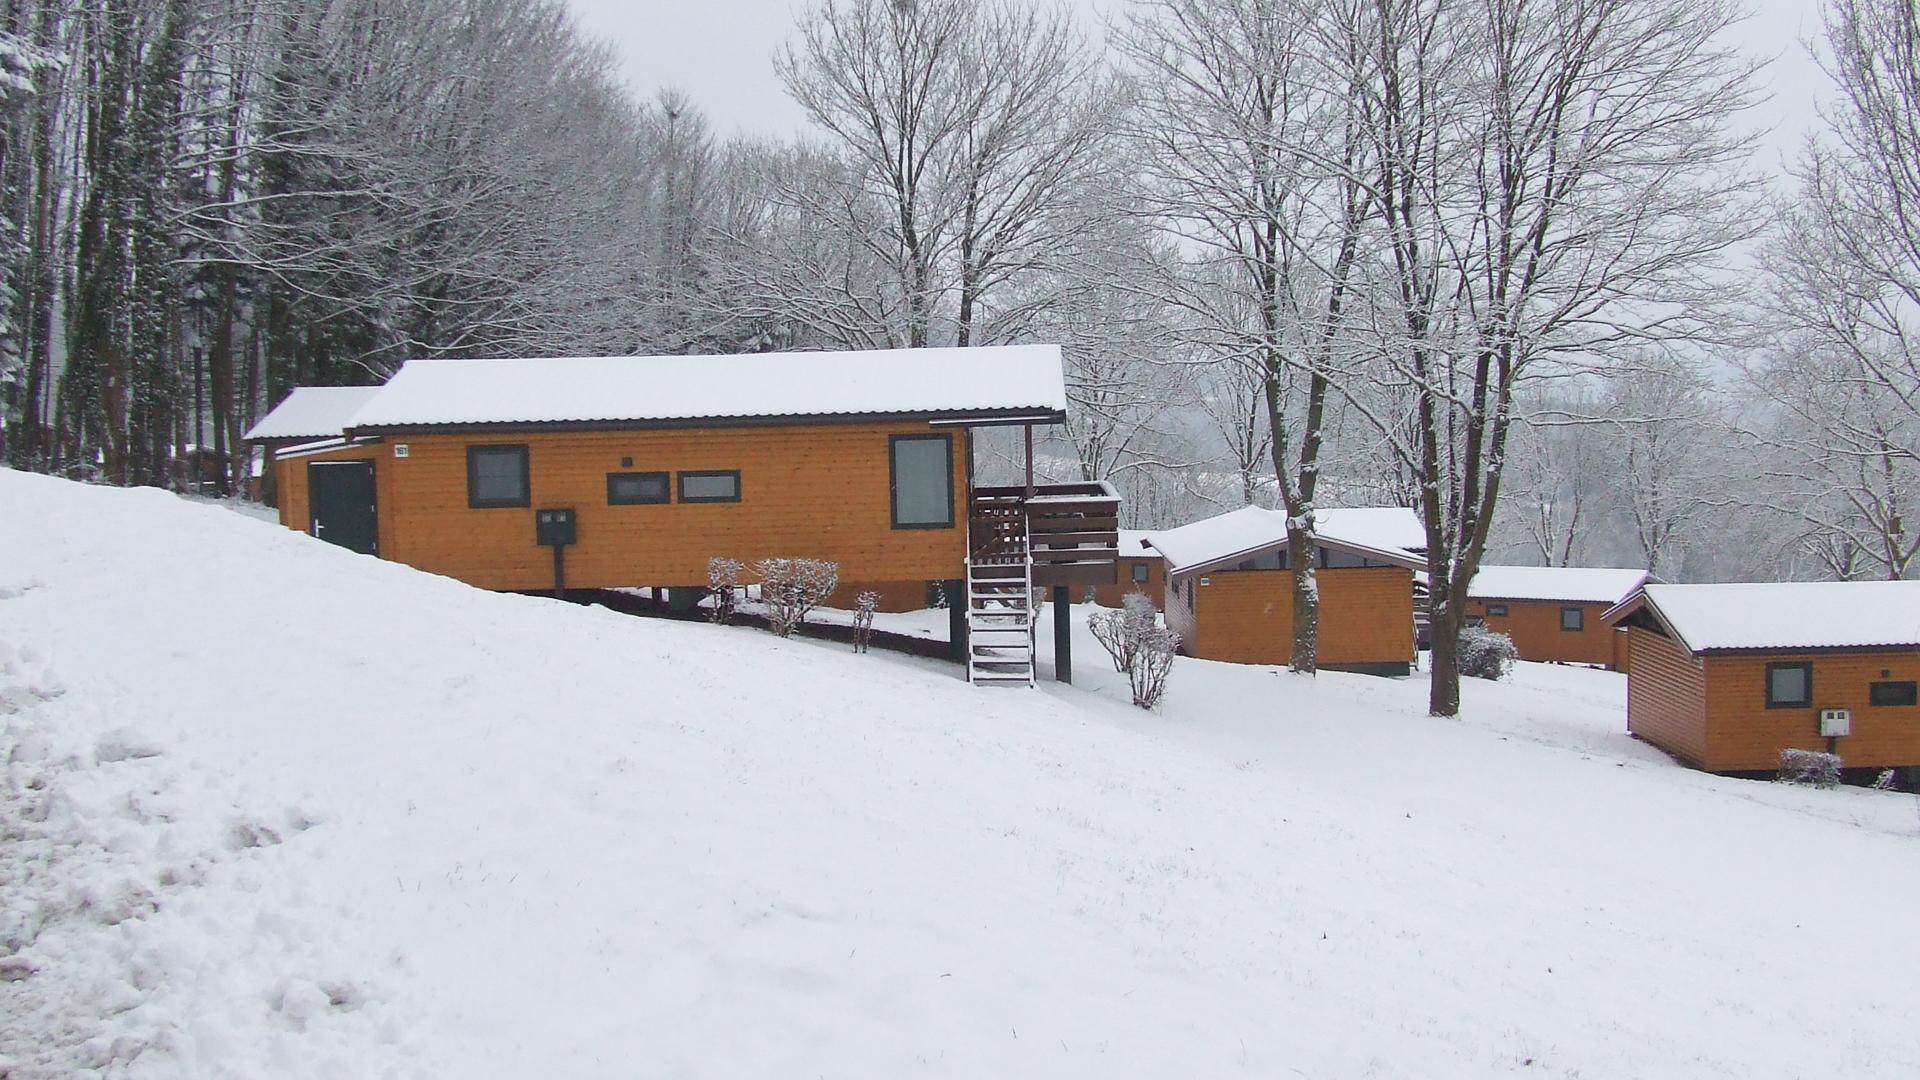 Villaggio turistico Etoile 2p Blaimont 1